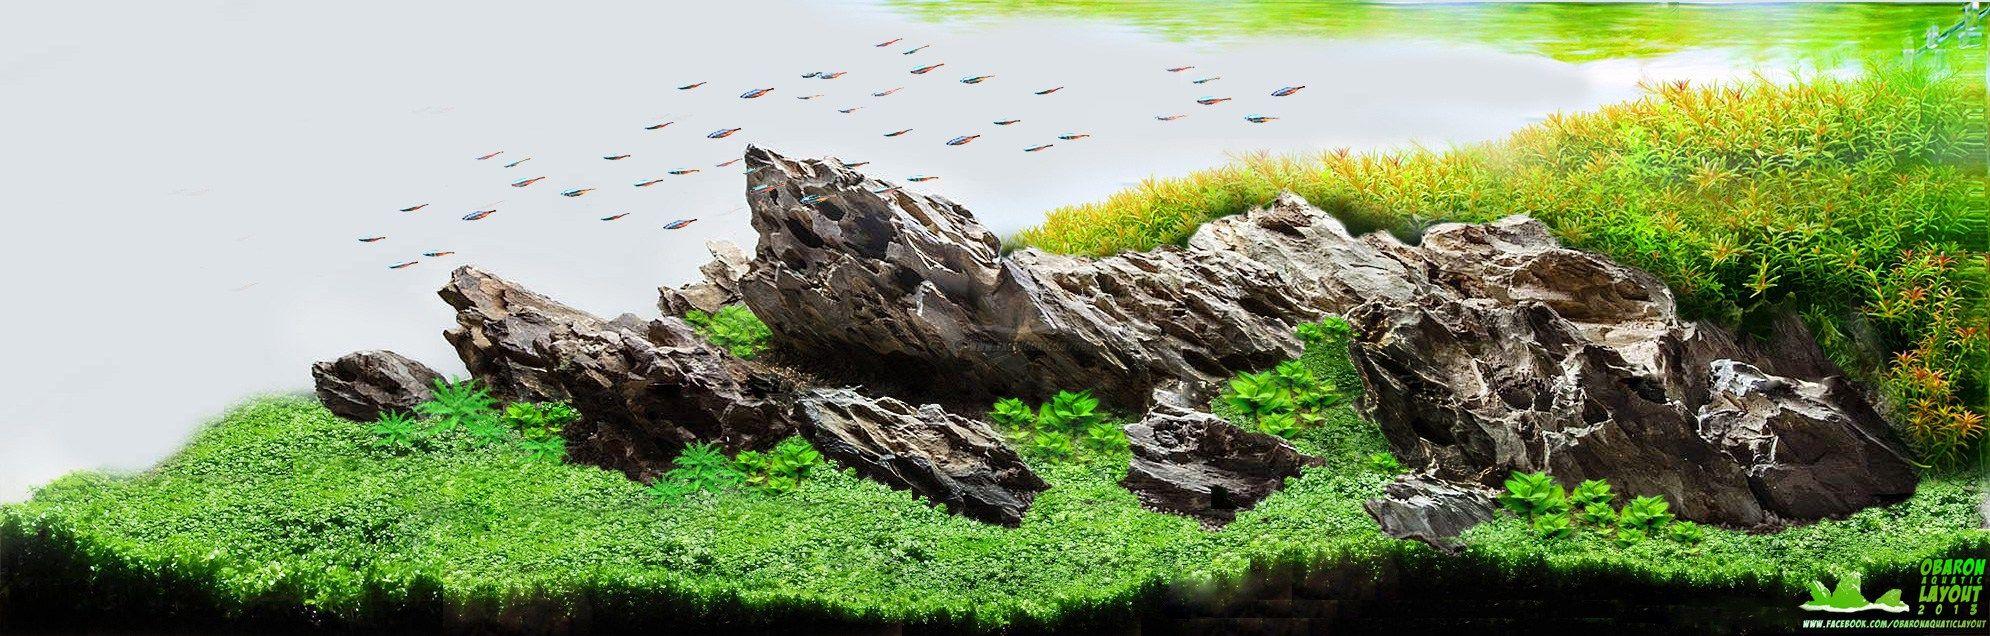 Resultado de imagen de dragon stone tank